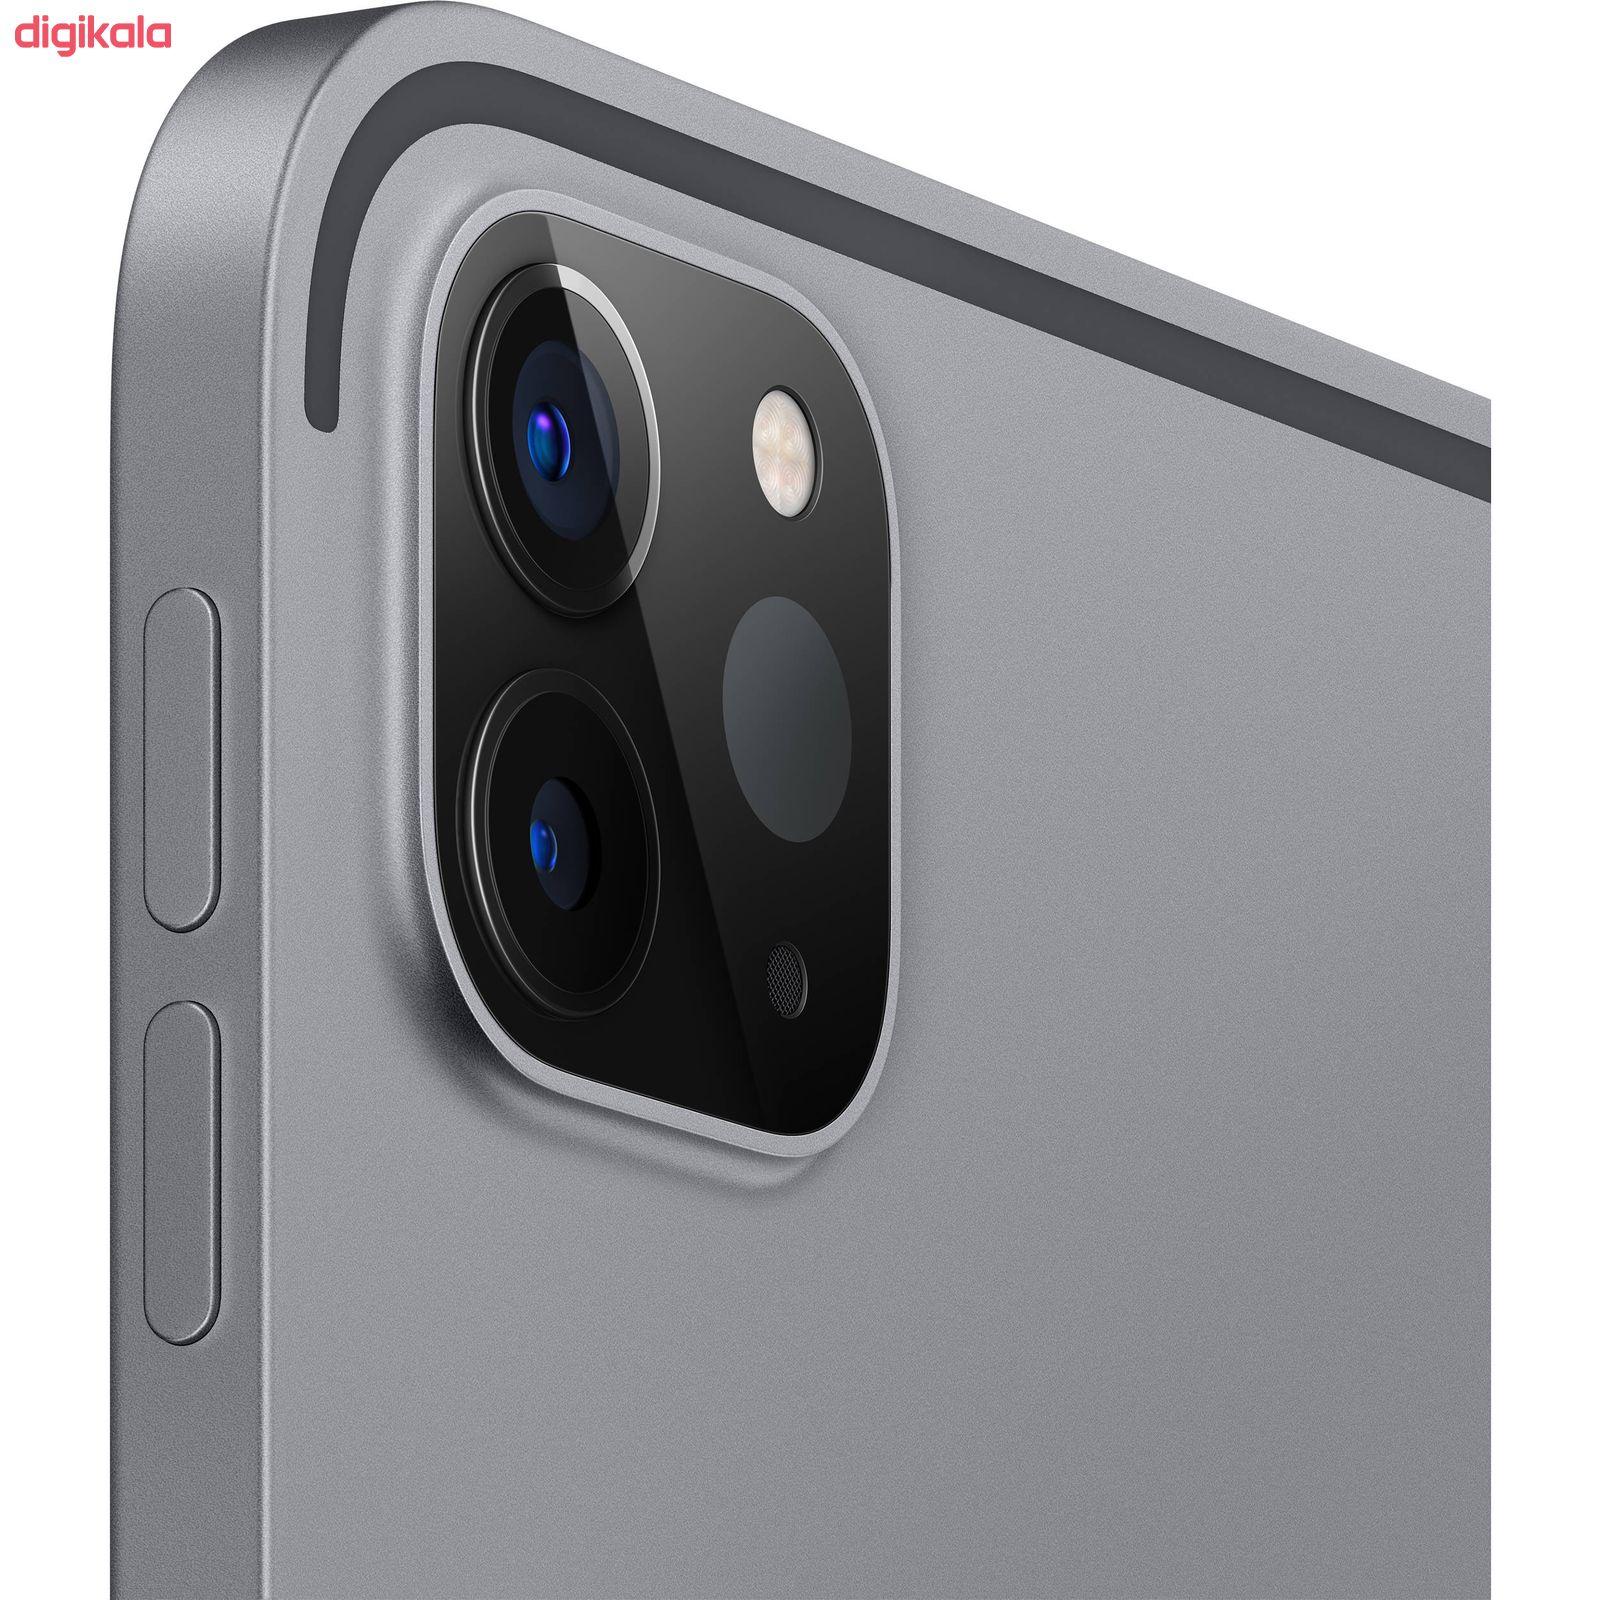 تبلت اپل مدل iPad Pro 11 inch 2020 4G ظرفیت 128 گیگابایت  main 1 10